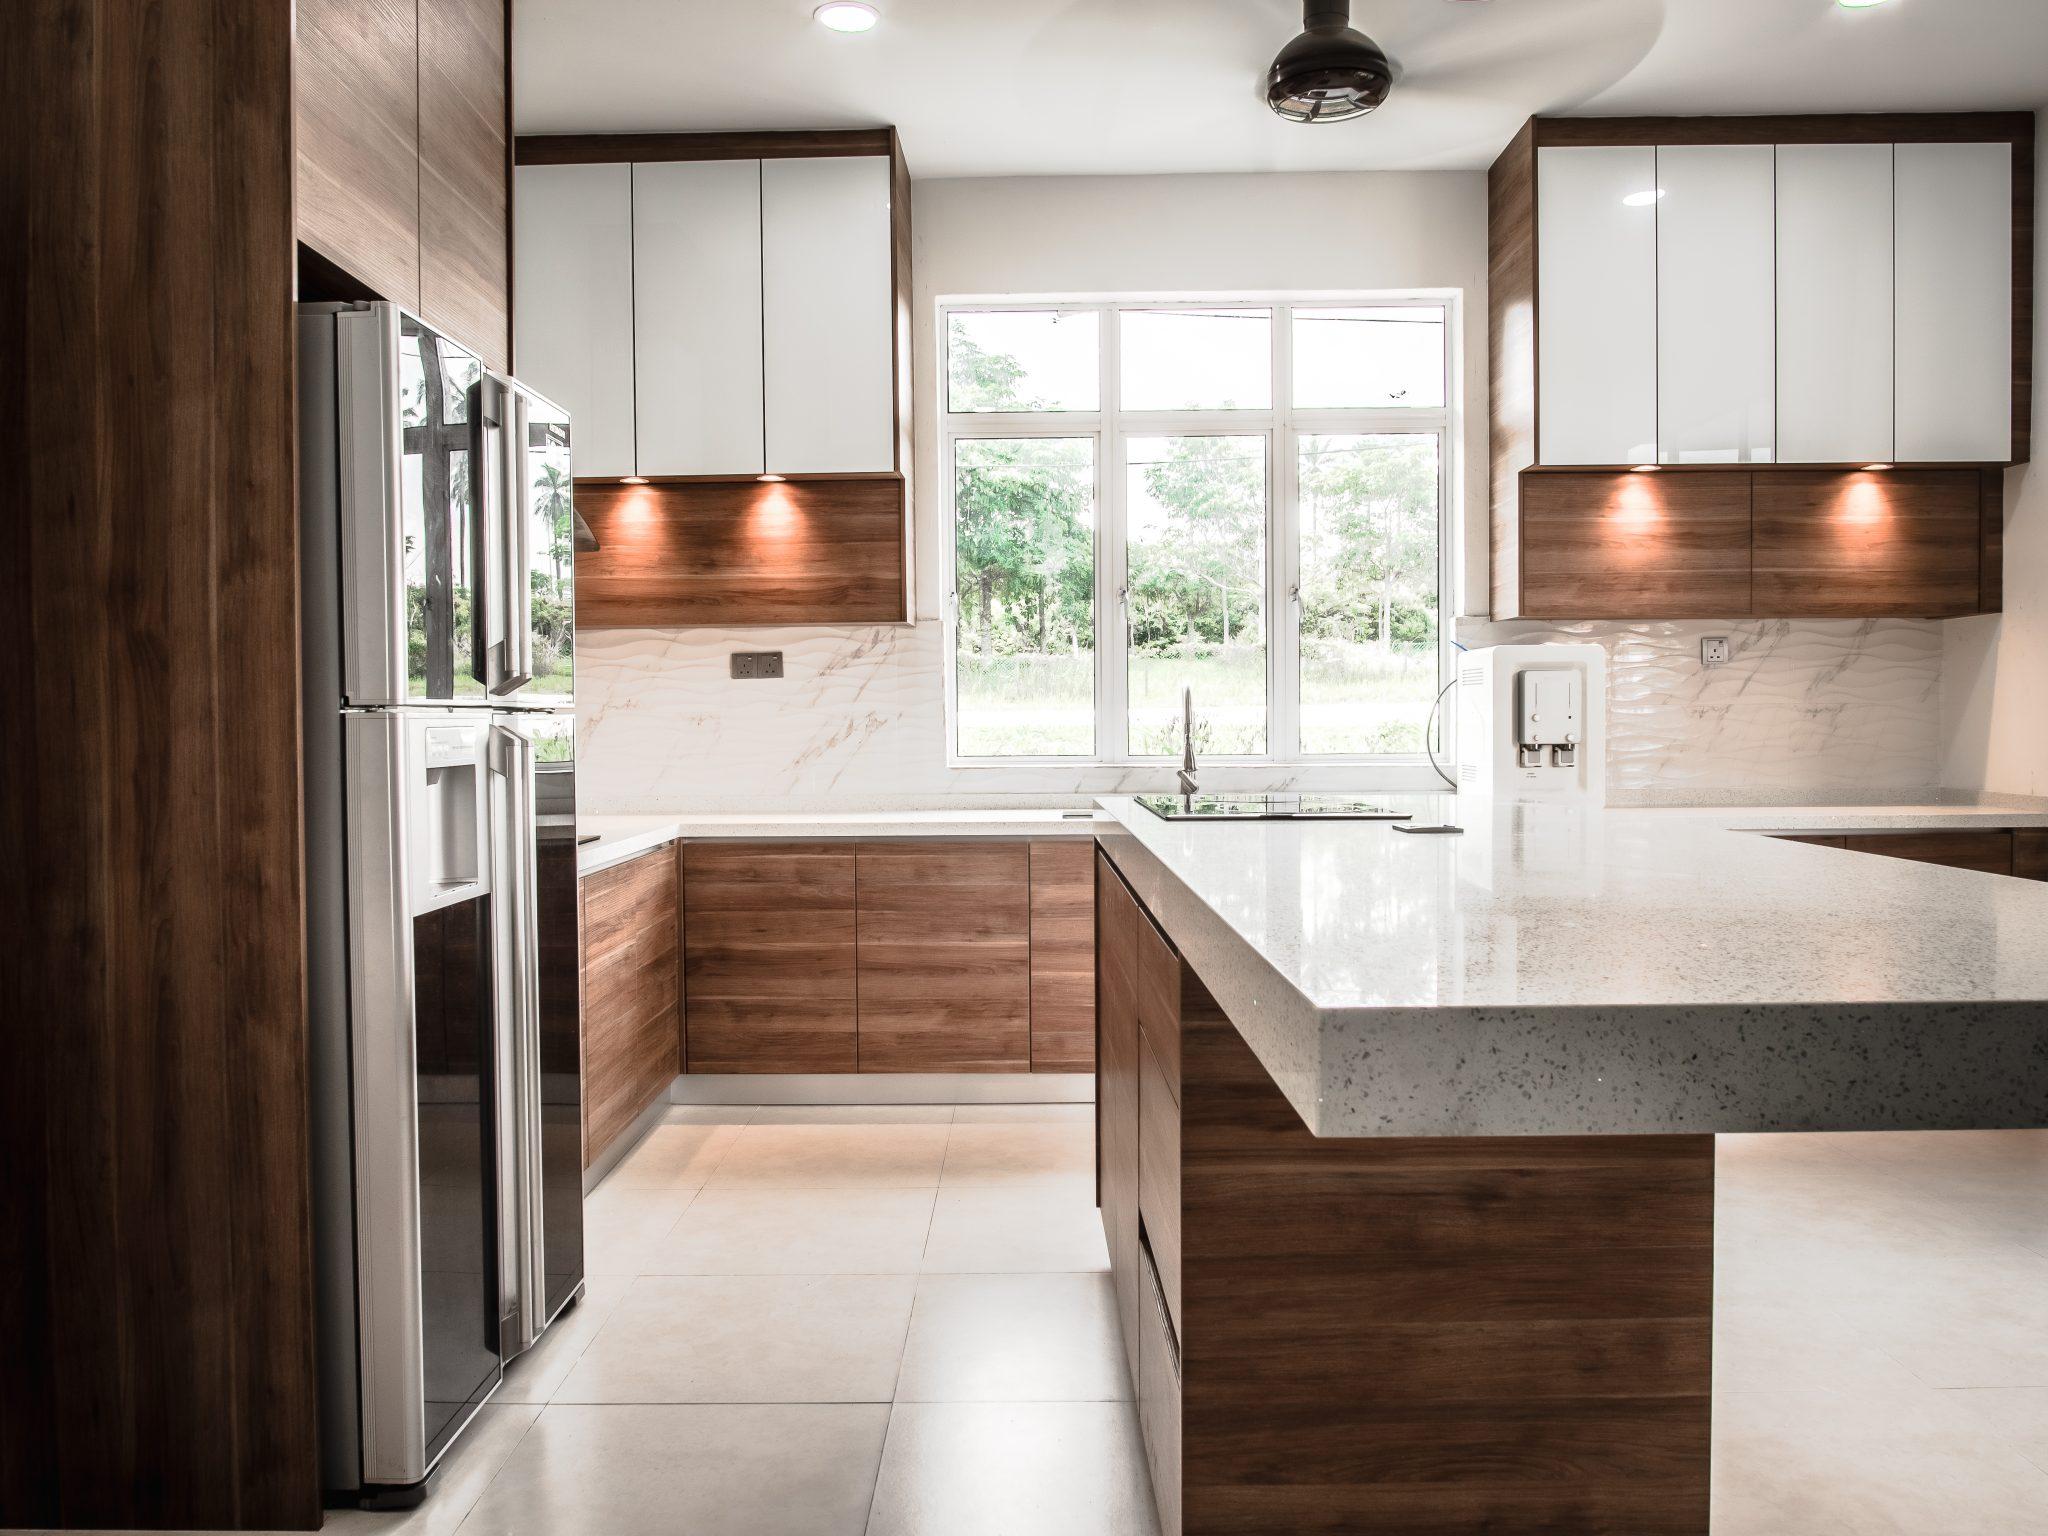 Melamine Wood Finish Kitchen Cabinet Island Eq